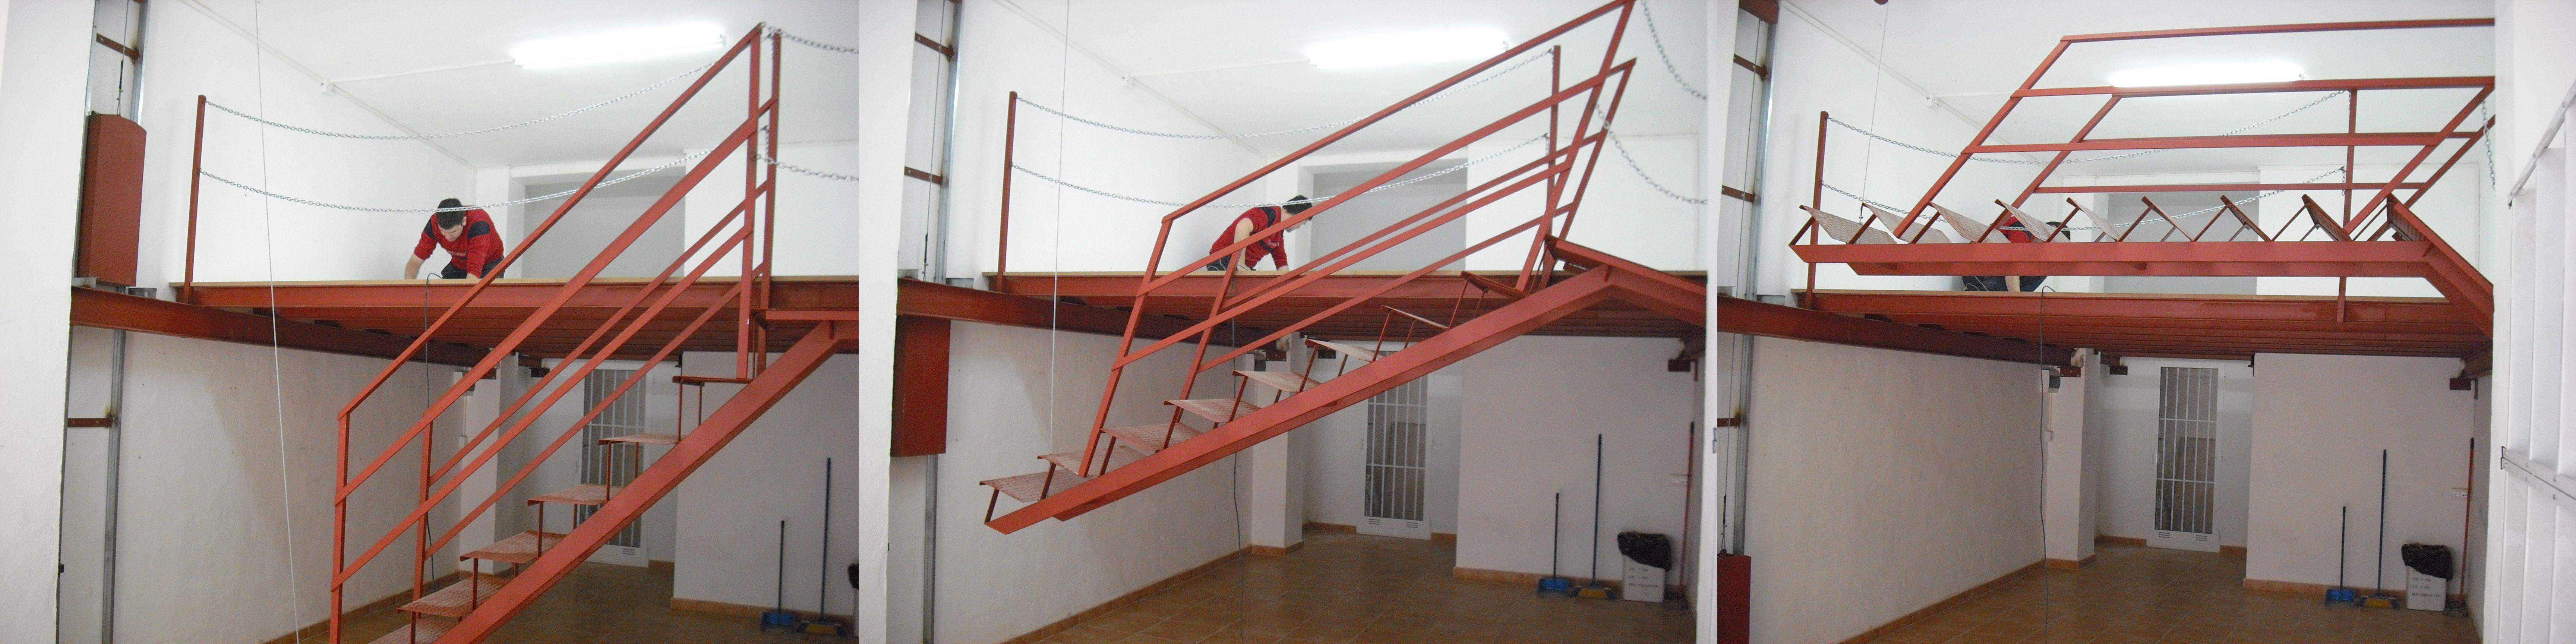 Escalera Basculante